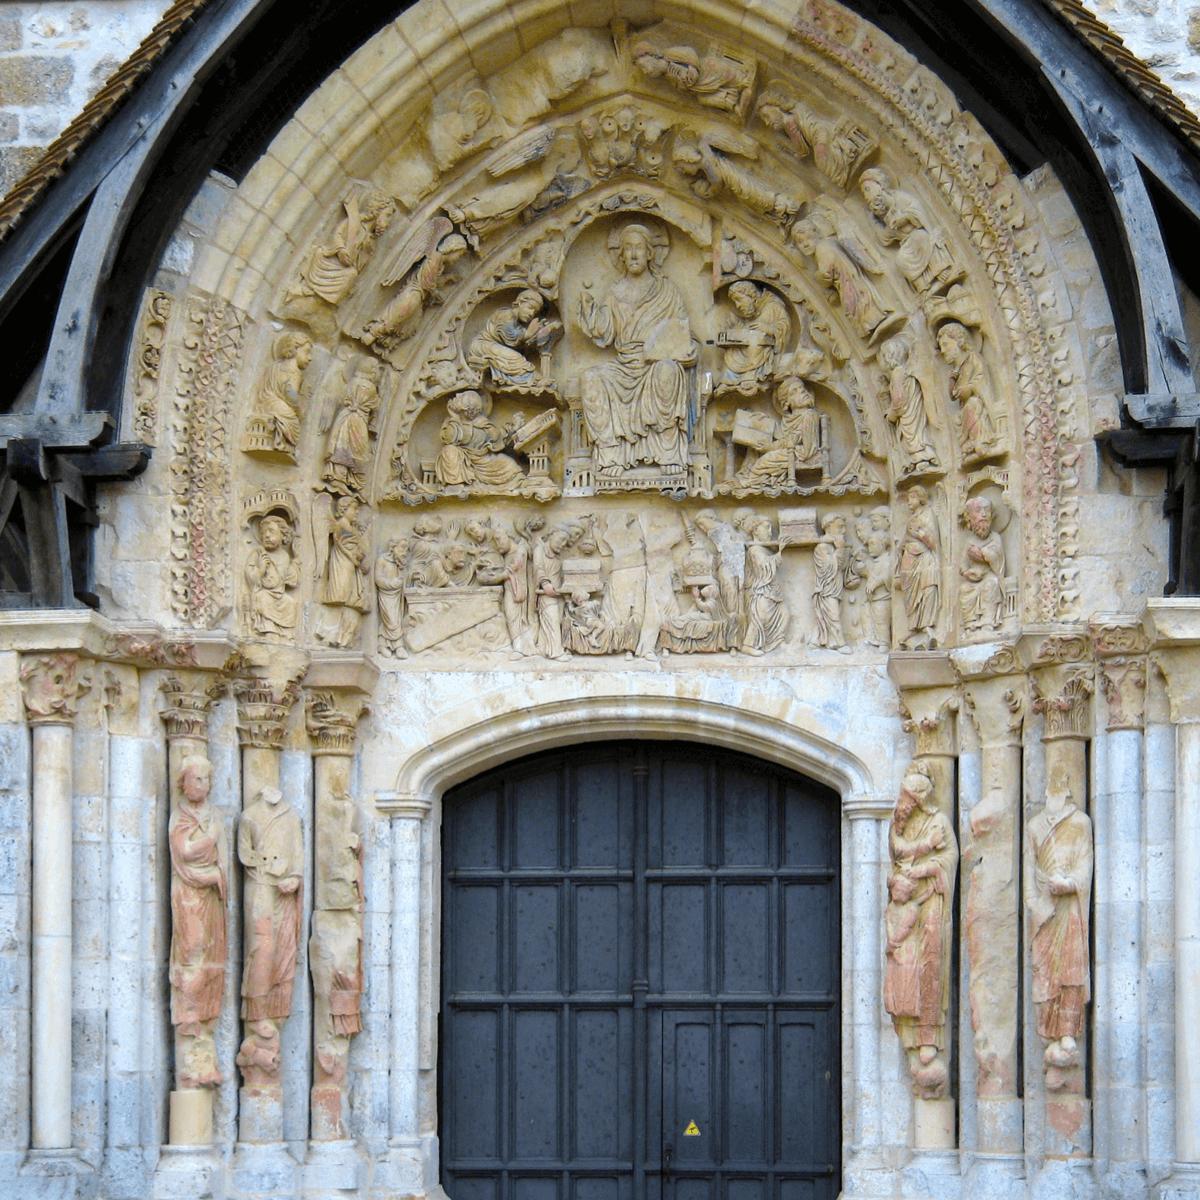 Le tympan conservé de la porte de l'abbatiale de l'abbaye de FLeury - Divine Box